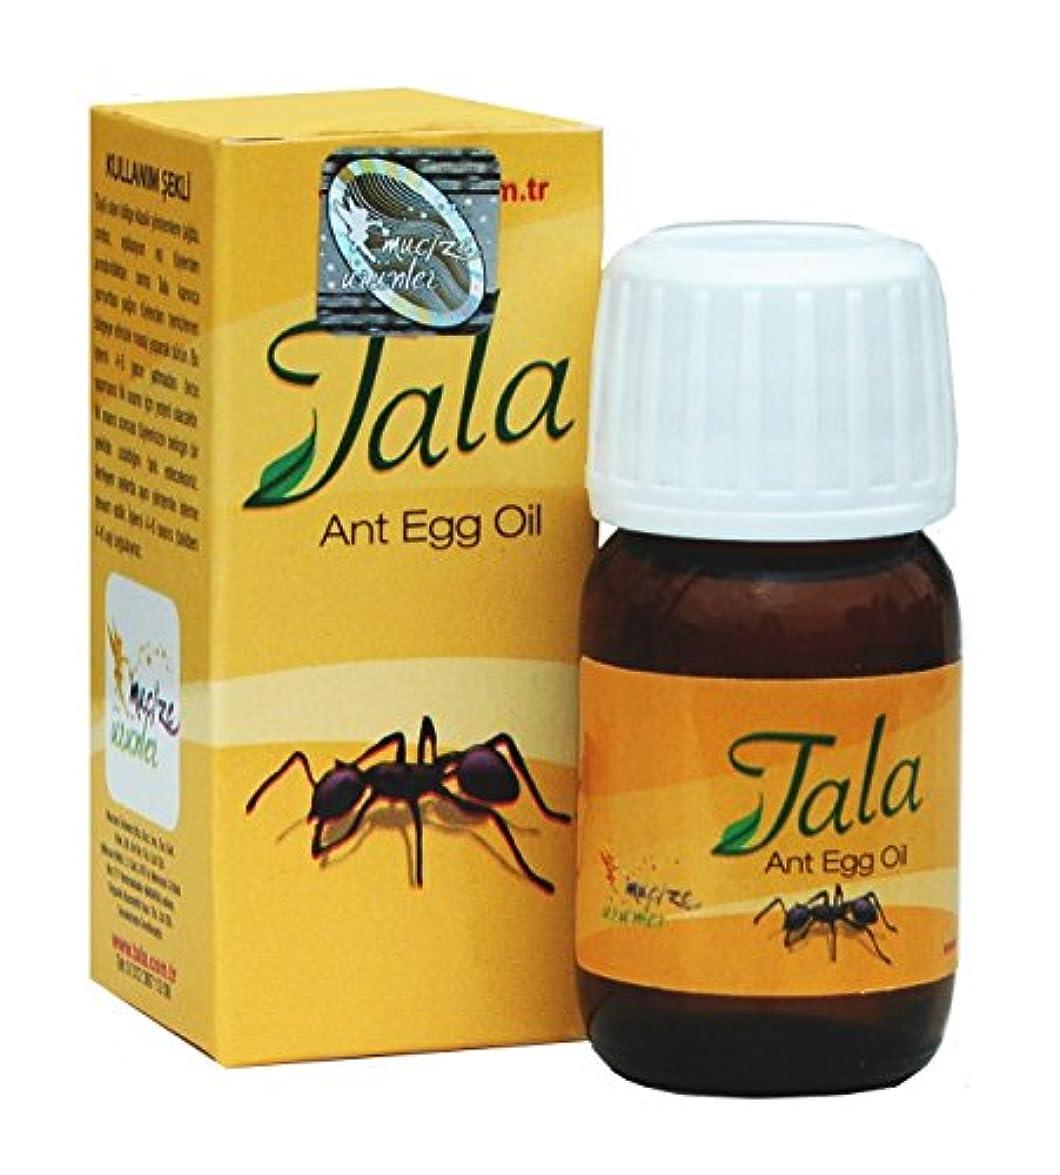 成功ヘビー急行するTala Ant Egg Oil (アリ脱毛オイル) 20 ml [並行輸入品]